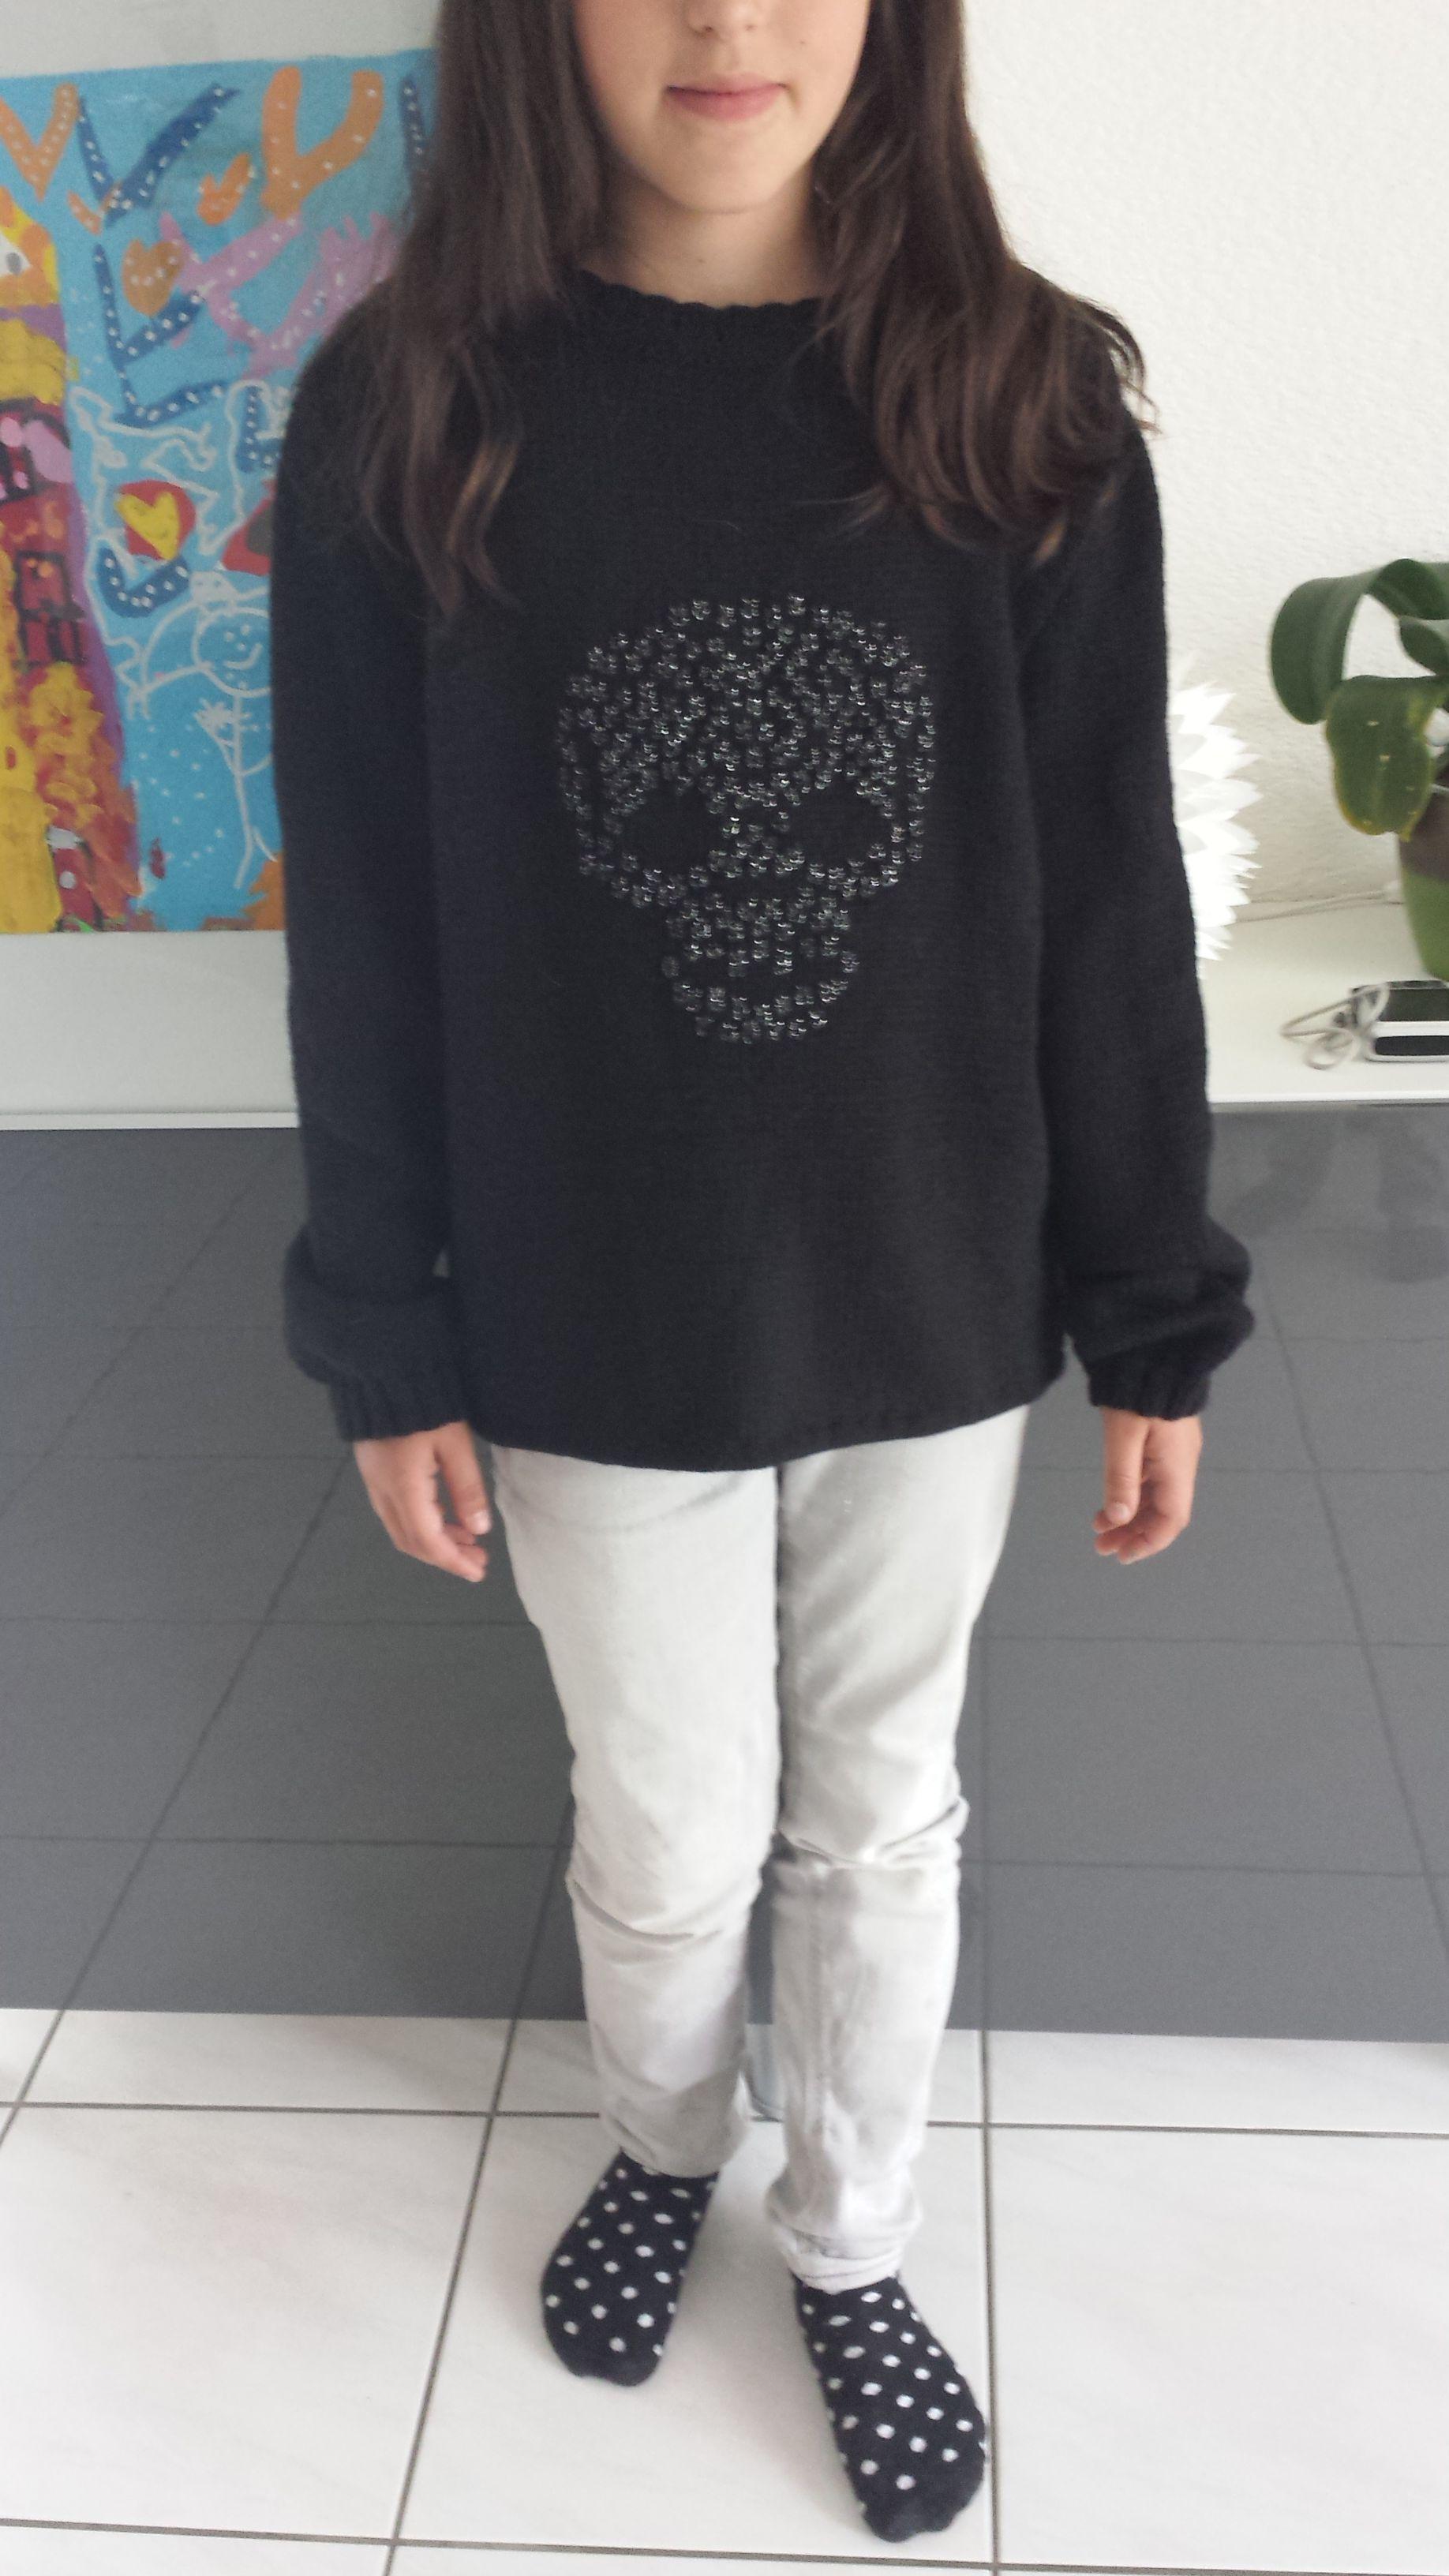 c3efebed3875 Pull pour une fille de 10-12 ans avec une tête de mort brodé en fil  brillant.